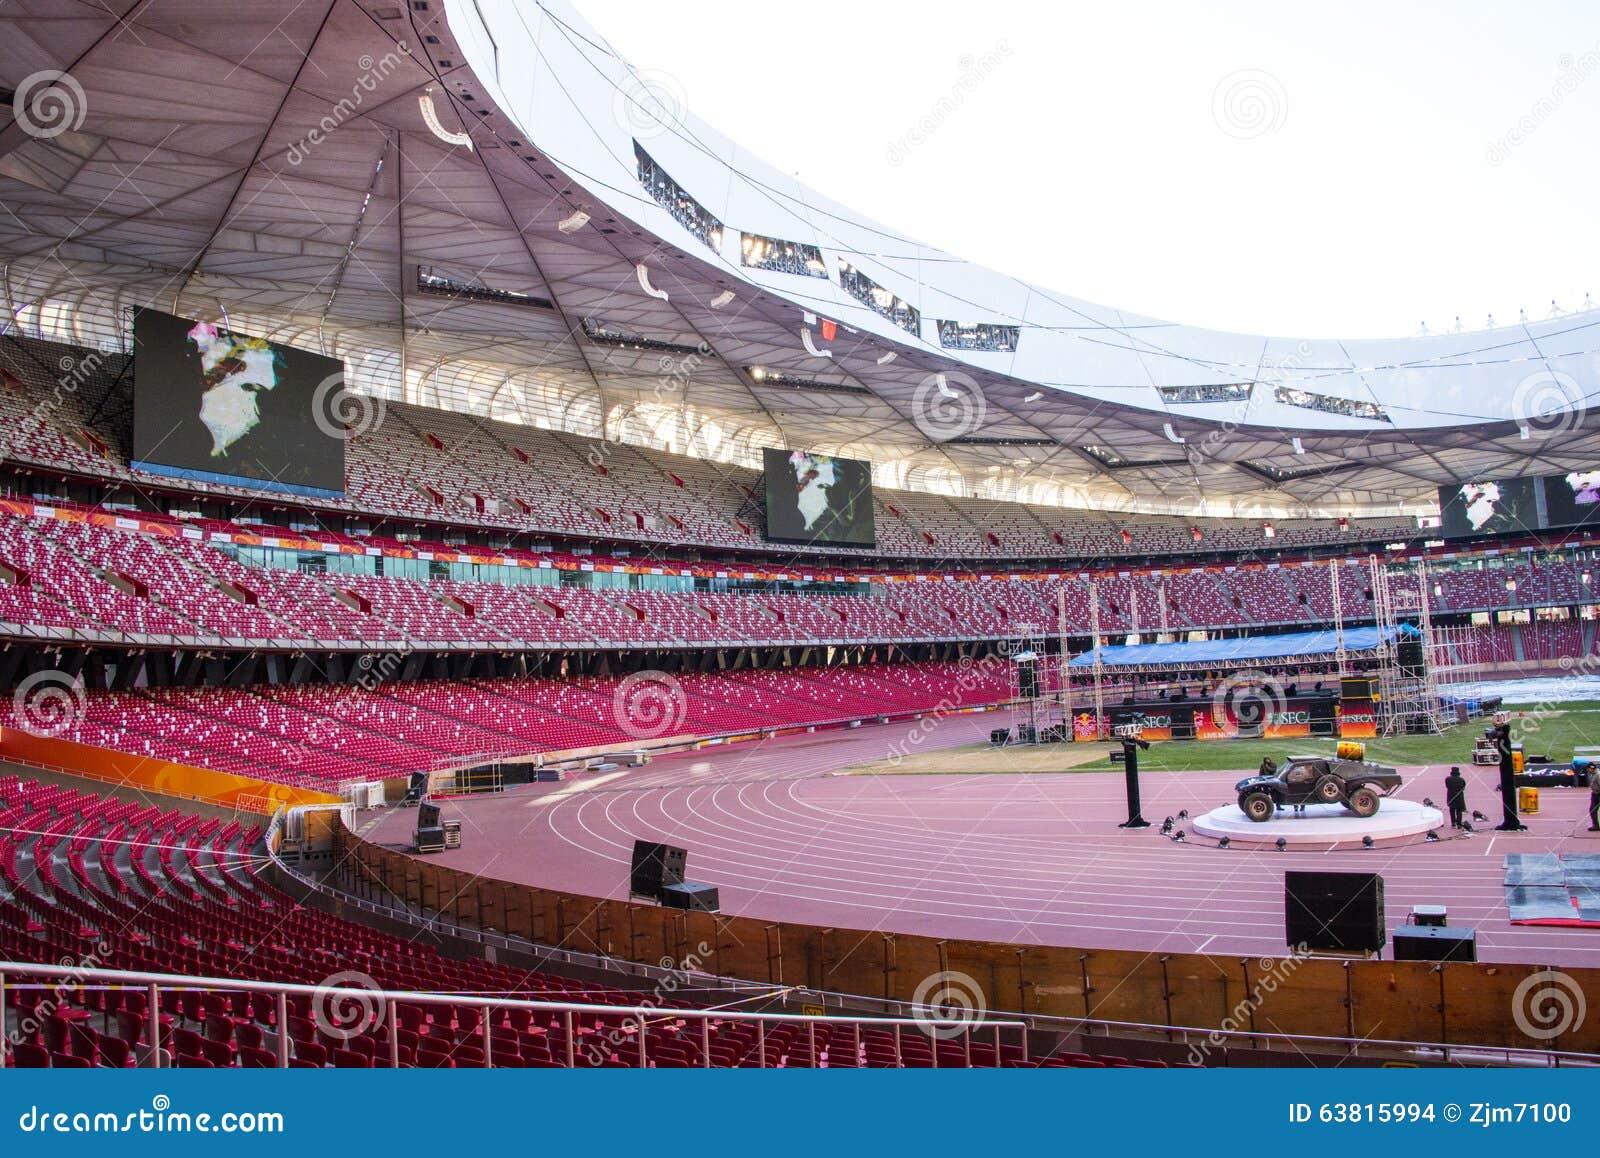 Asien Kina, Peking, nationell stadion, inre struktur, åhörareställningen